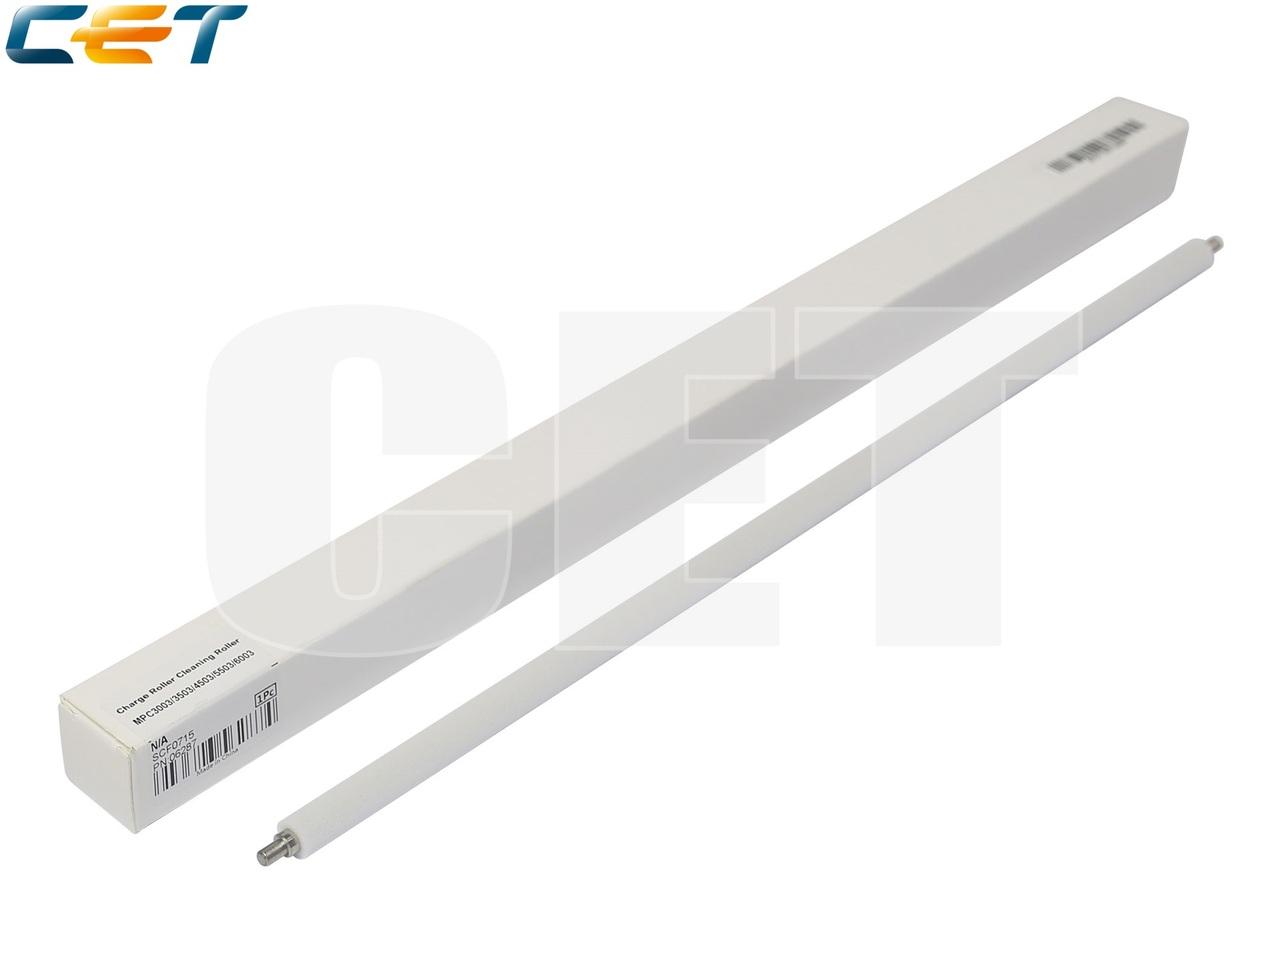 Ролик очистки ролика заряда для RICOHMPC3003/MPC3503/MPC4503/MPC5503/MPC6003 (CET),CET6287